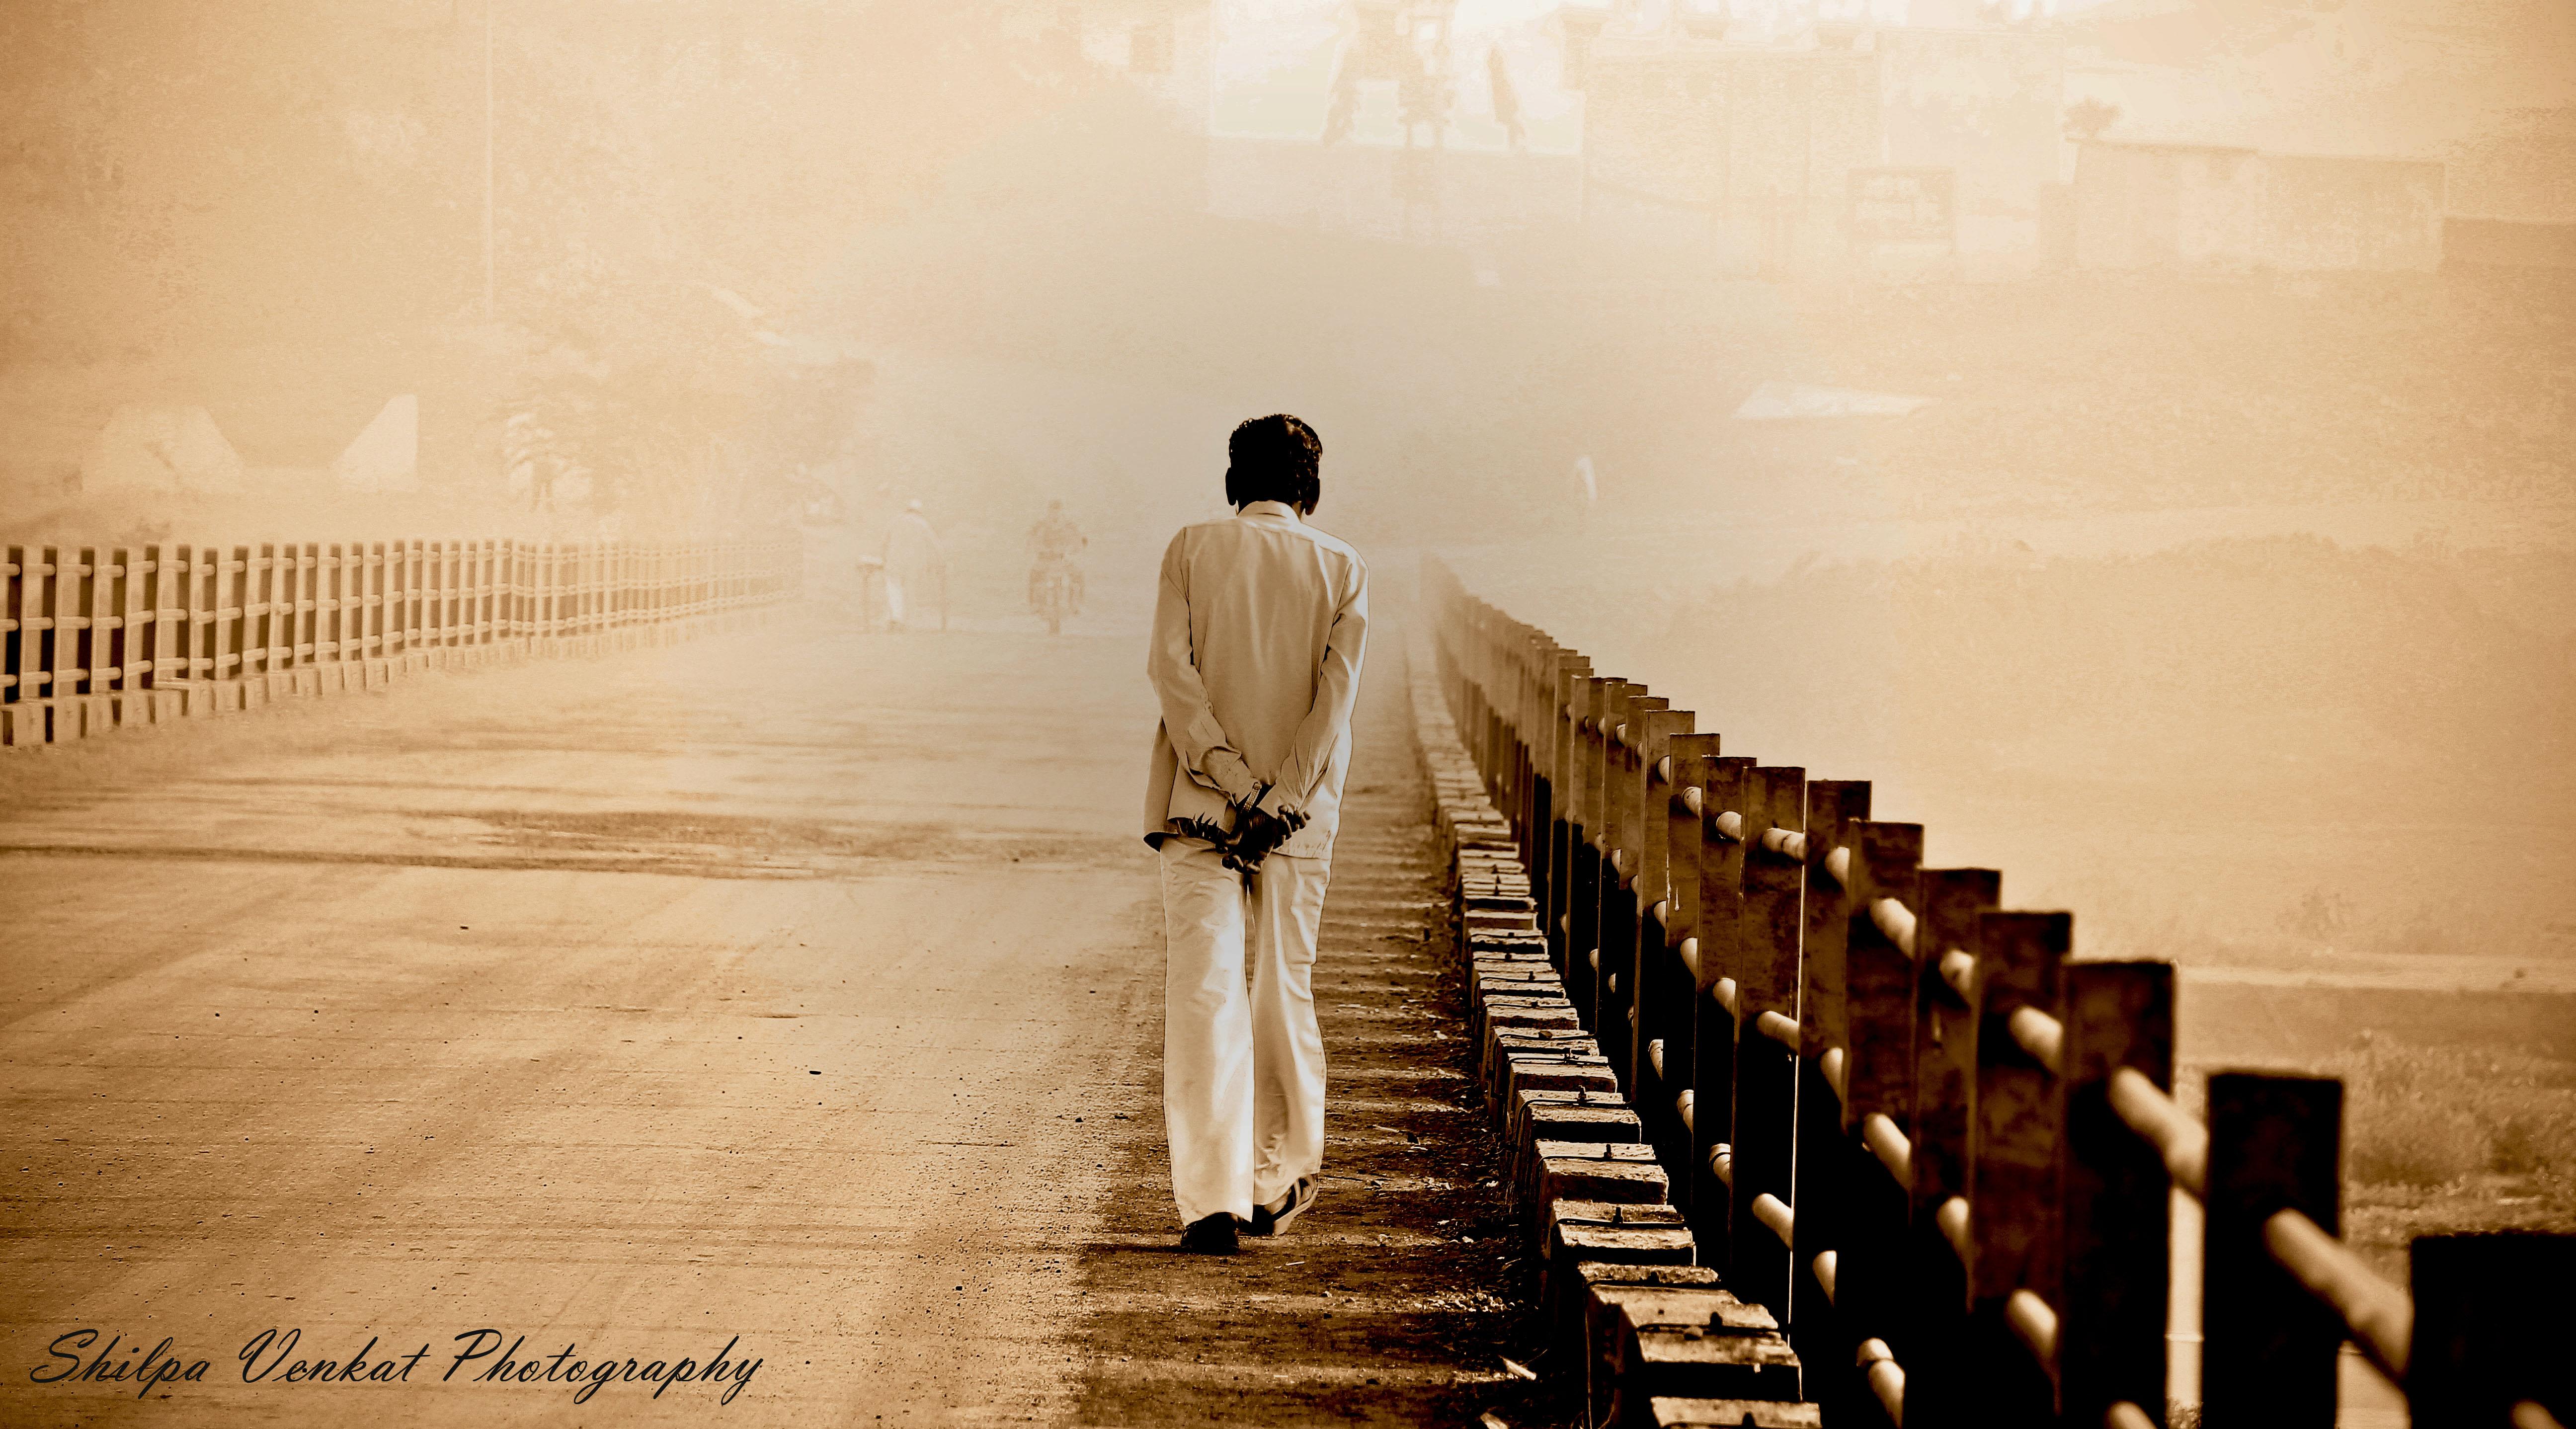 Shiilpa Venkat A walk alone